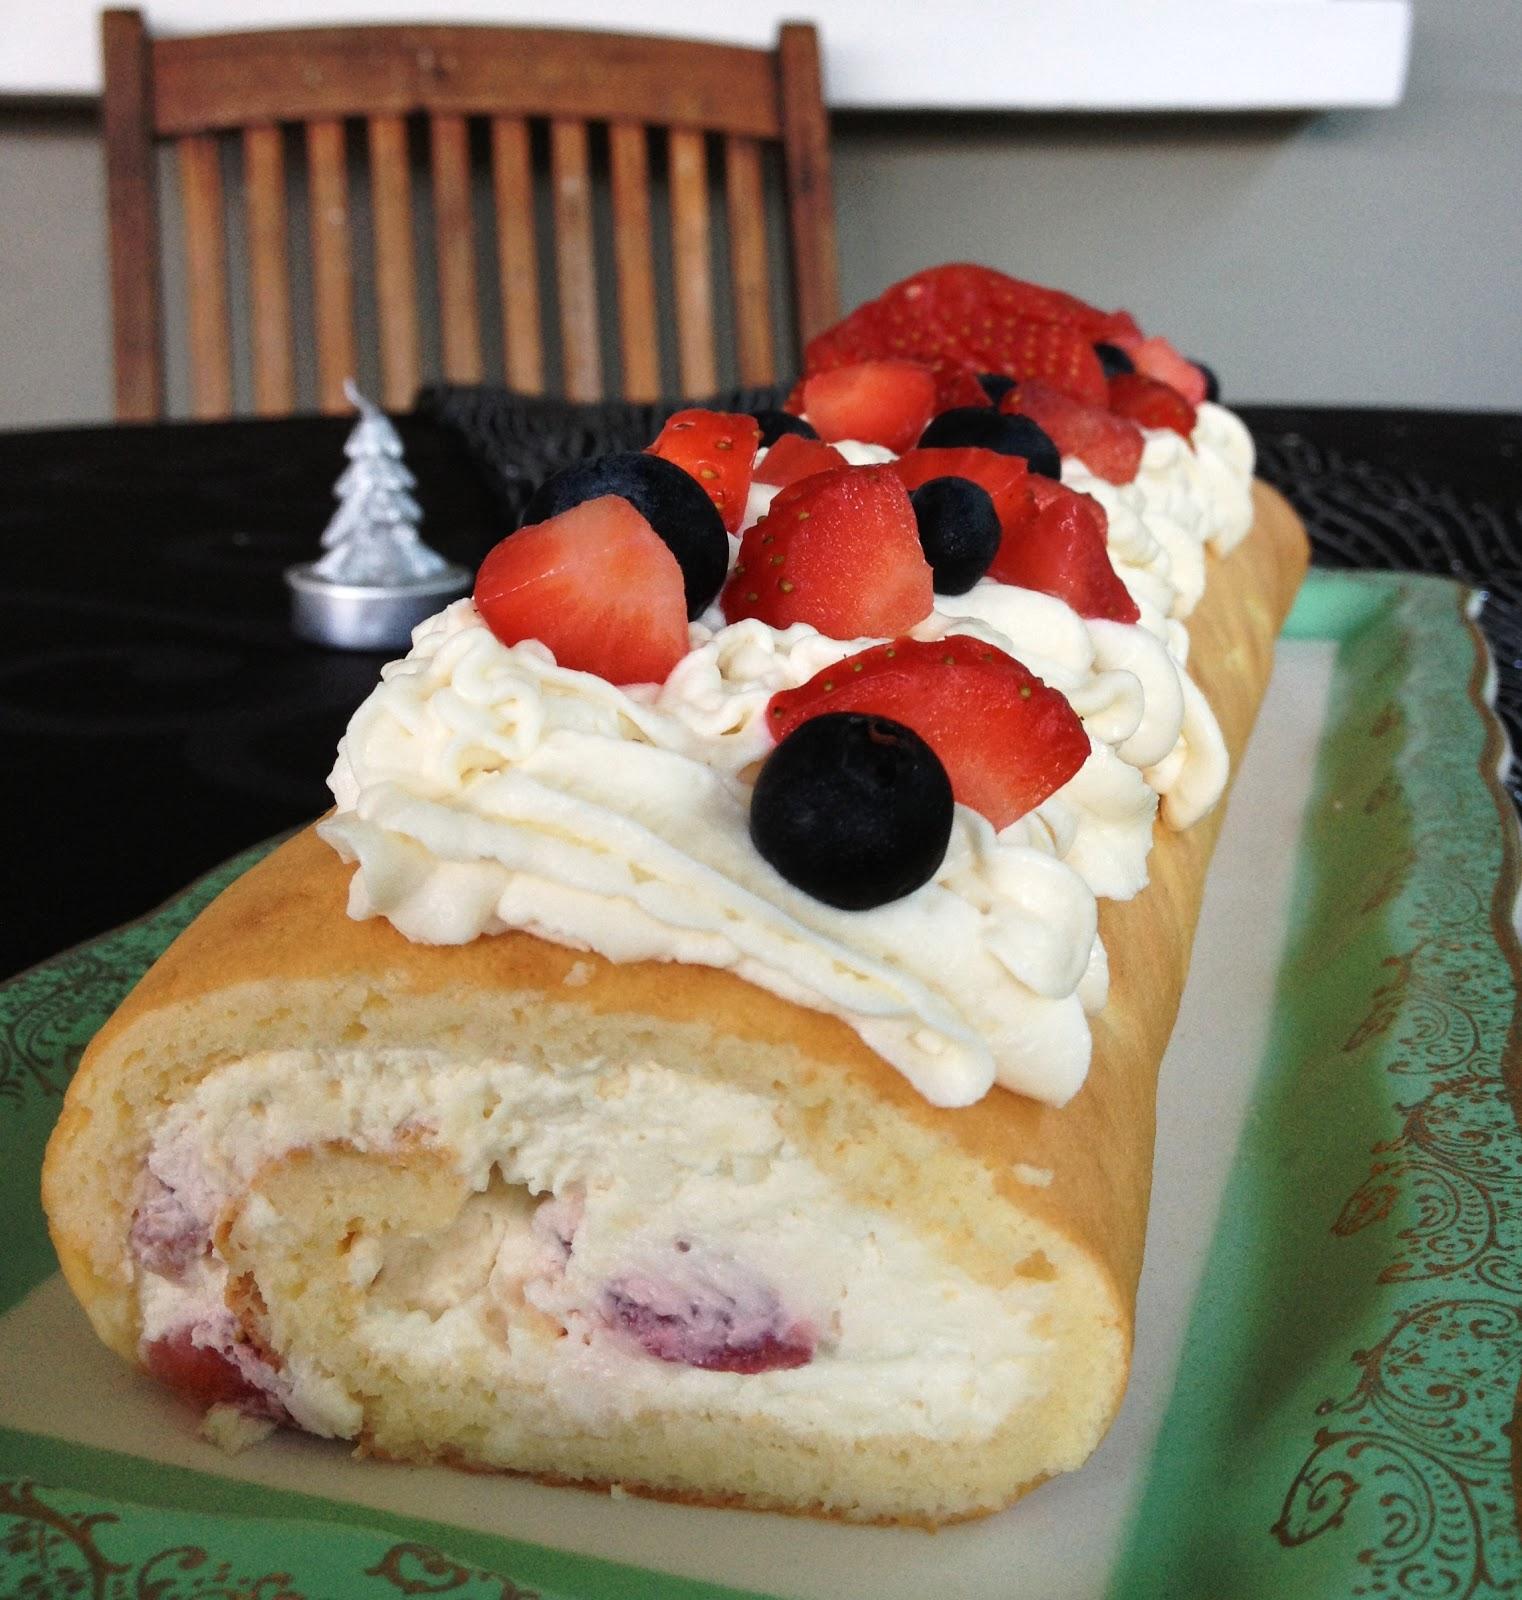 Sweet Kwisine: Le biscuit roulé à la crème vanillée et